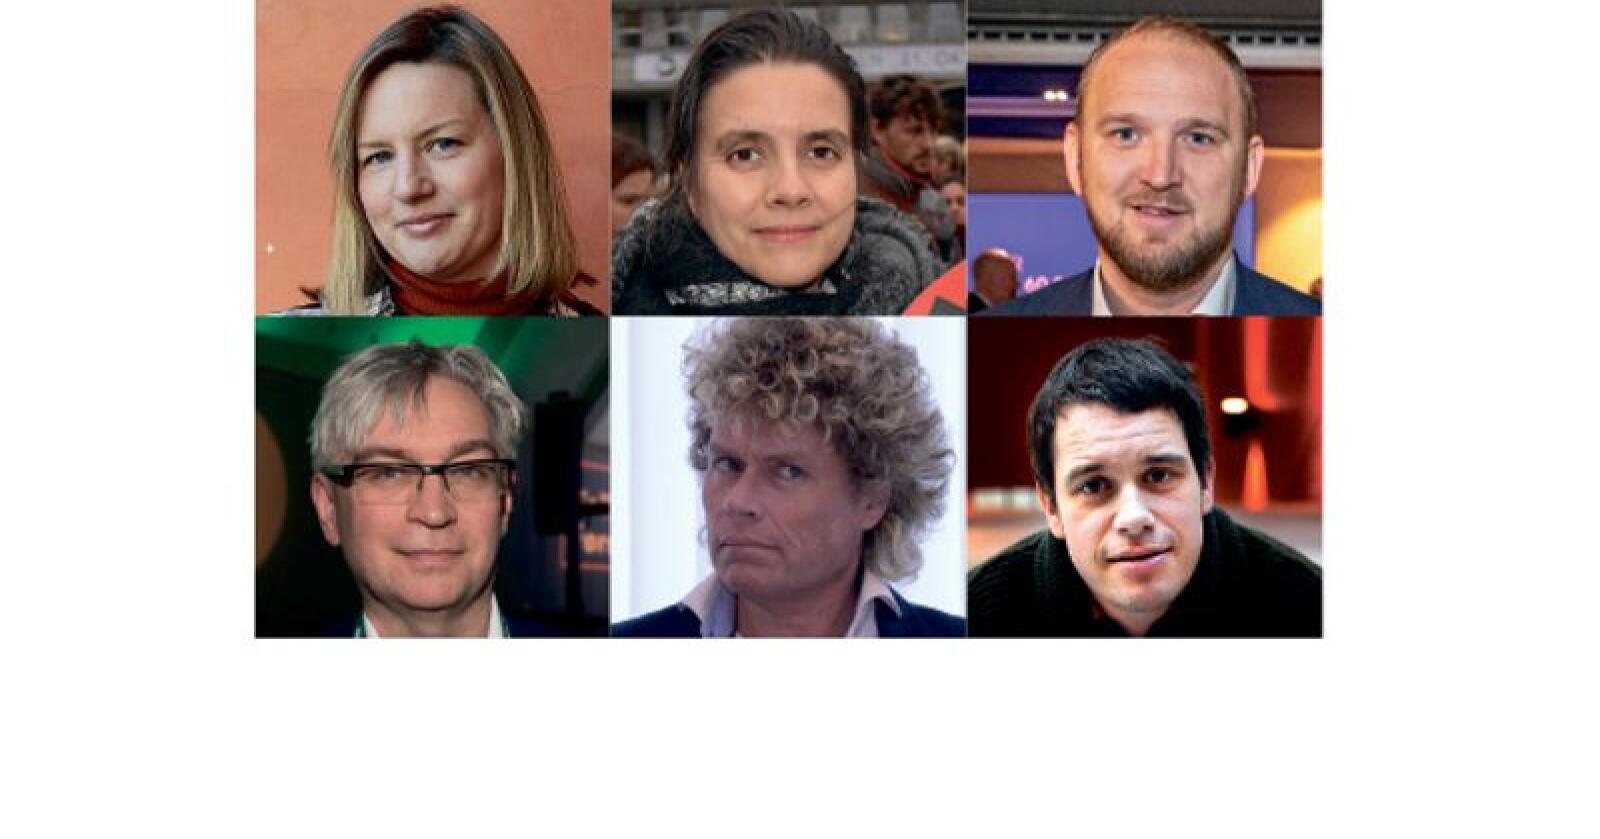 Ute av lista: Øverst fra venstre; Ragna Kronstad, Siri Martinsen, Jon Georg Dale, Andre Nikolai Skjeldstad, Dag Jørund Lønning  og Svenn Arne Lie.  Foto: Nationen / NTB scanpix